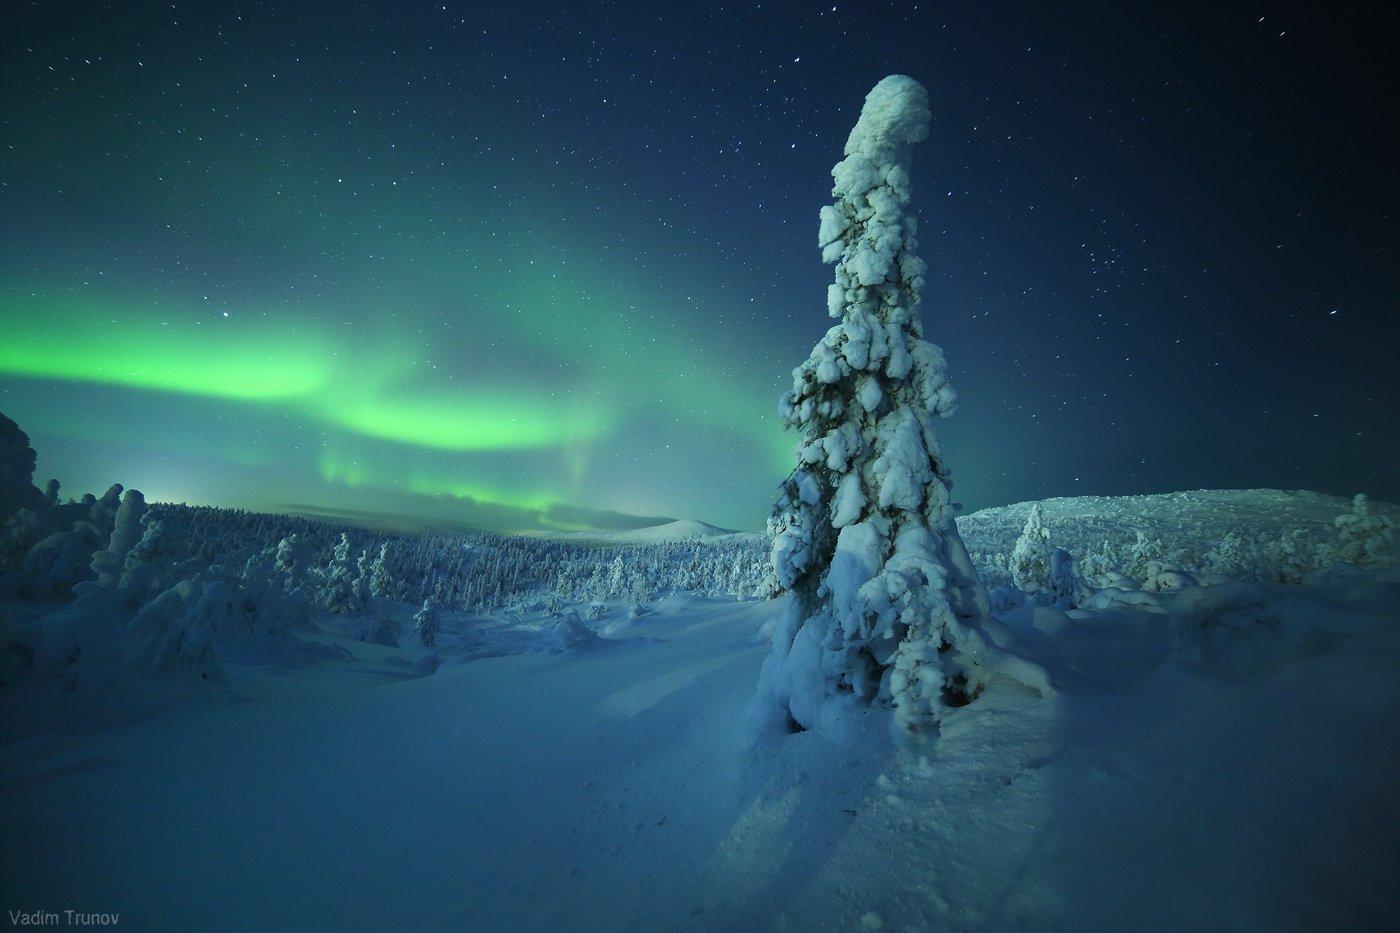 кольский, север, заполярье, северное сияние, aurora borealis, Вадим Трунов